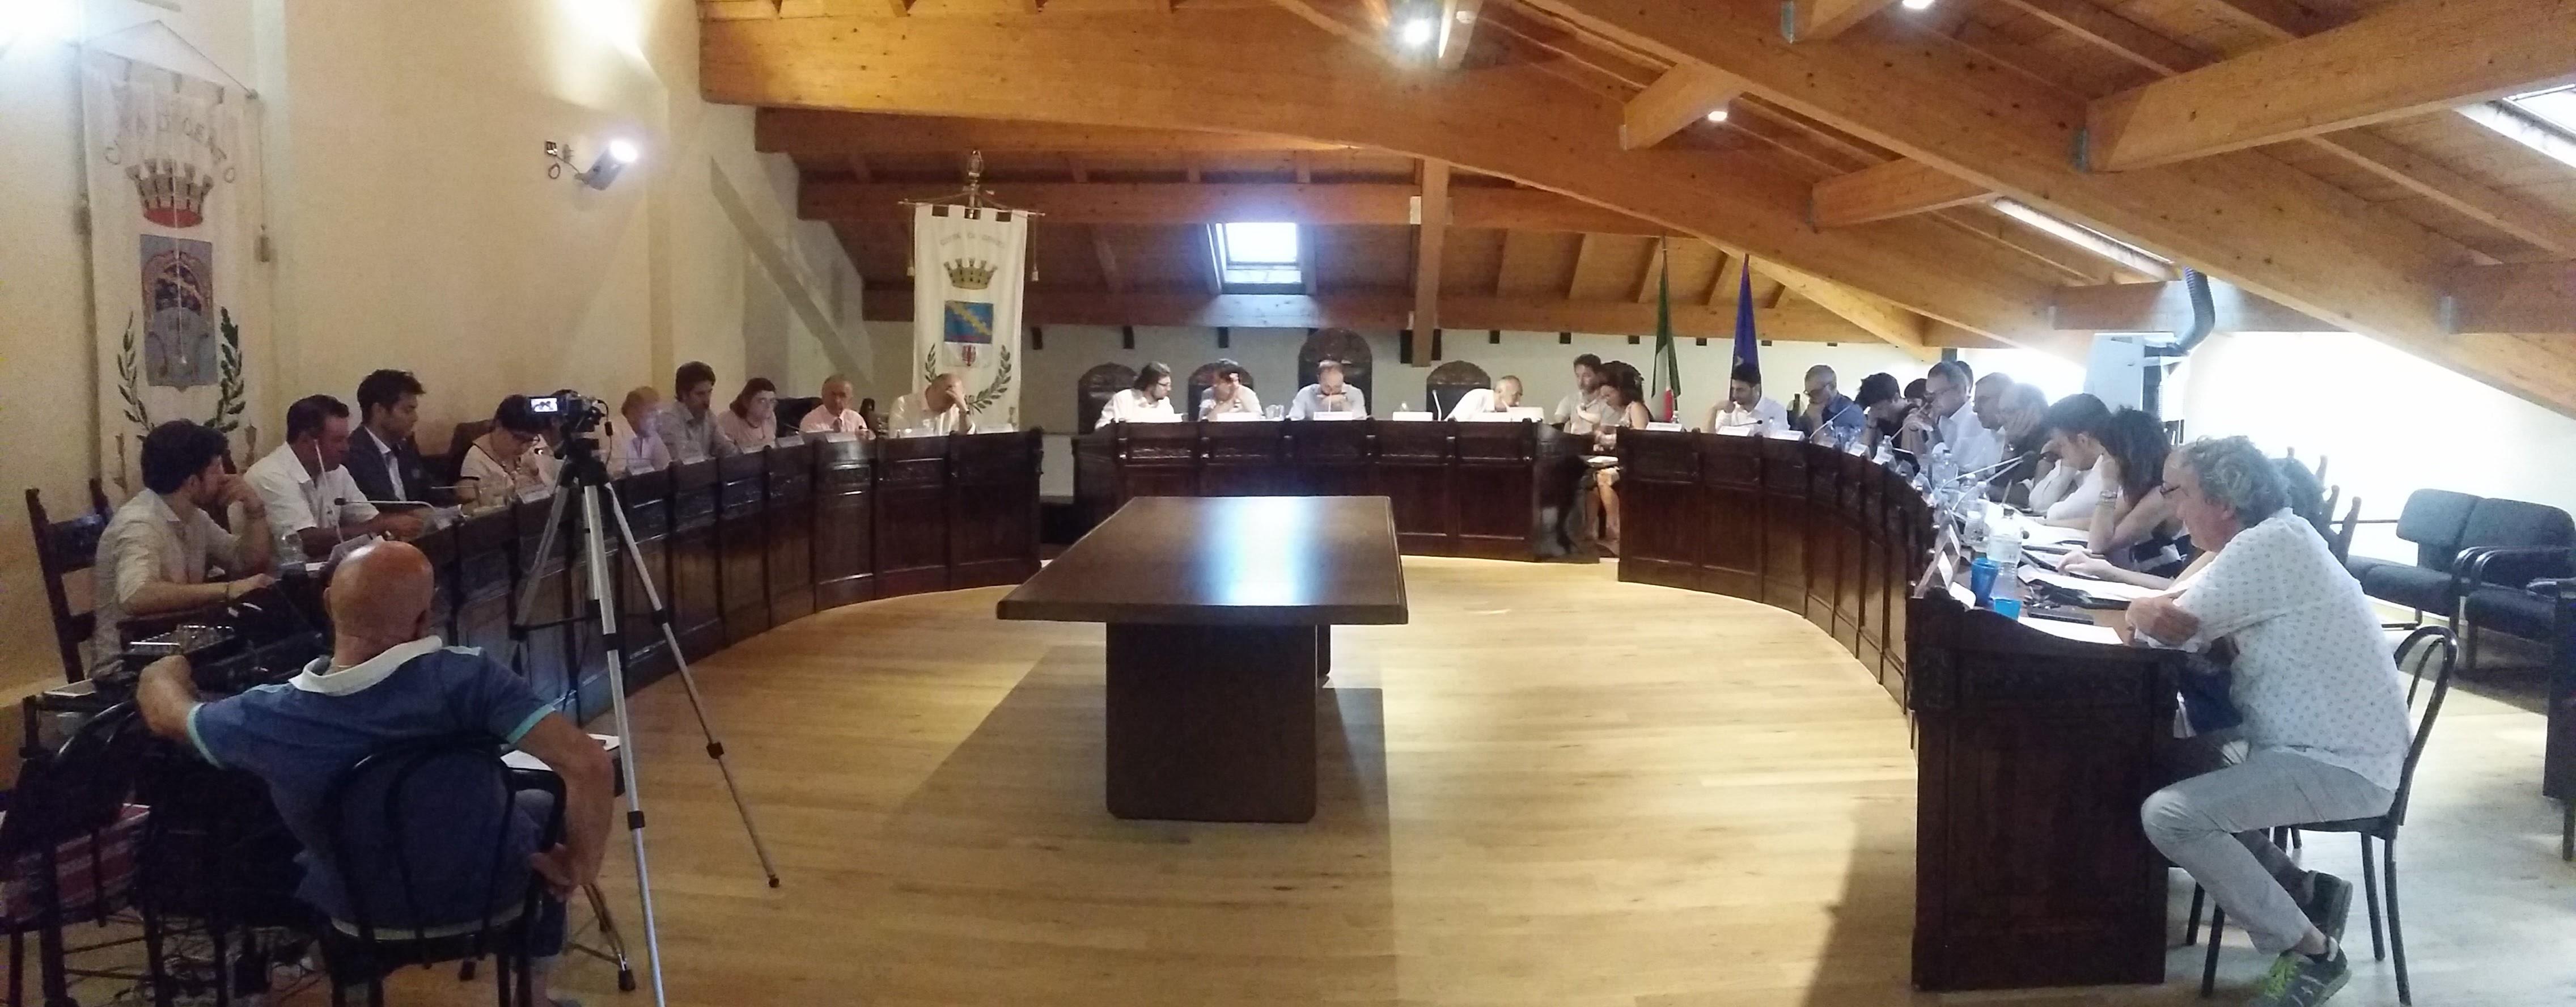 CENTO – COLPO DI SCENA IN CONSIGLIO COMUNALE: Mozione di sfiducia al Presidente del Consiglio comunale Matteo Veronesi firmato dalle minoranze